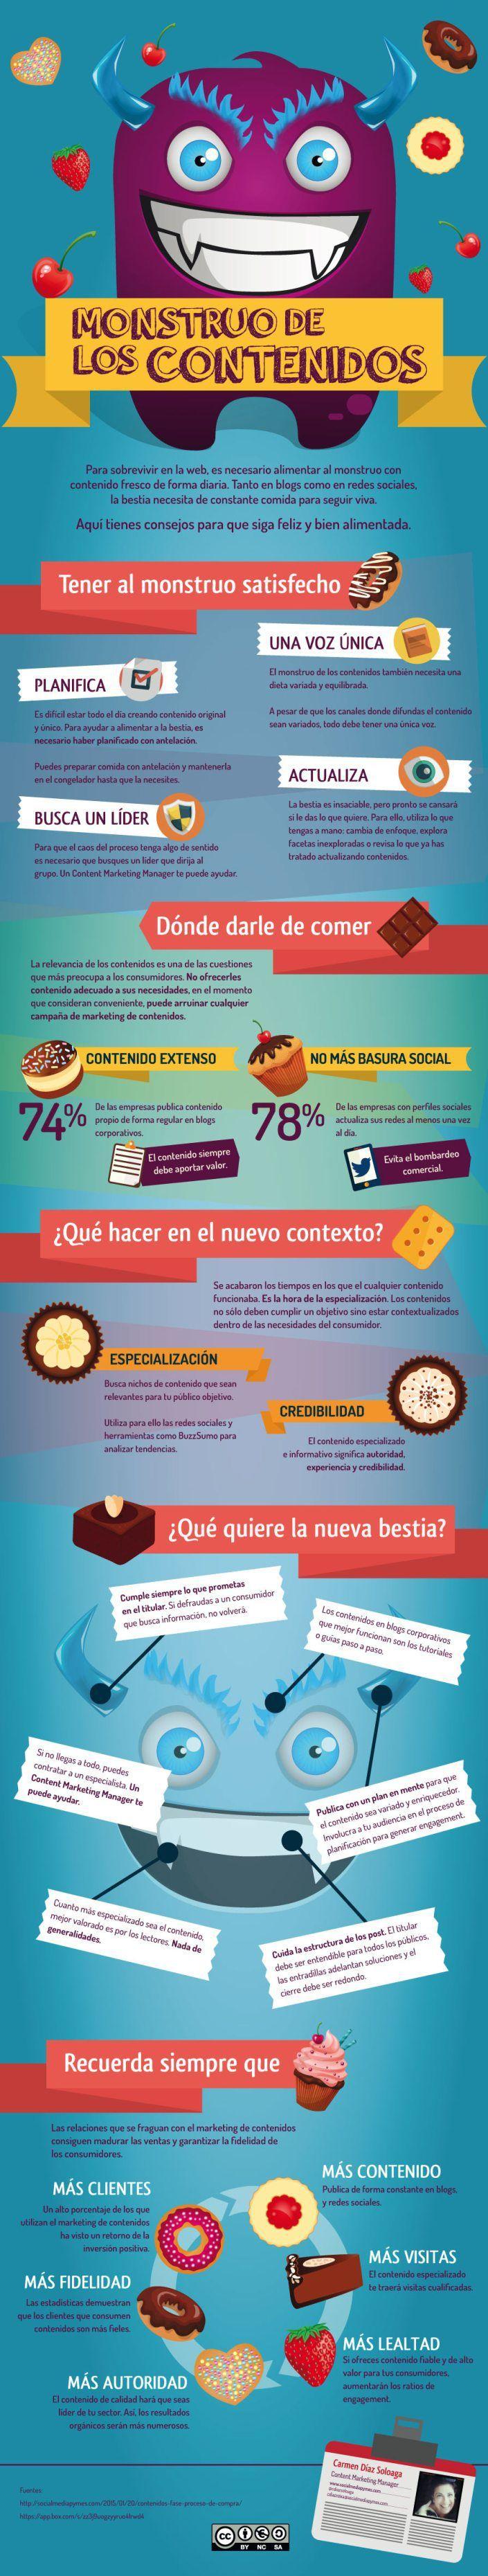 Cómo alimentar al monstruo de los contenidos #infografia #infographic #marketing